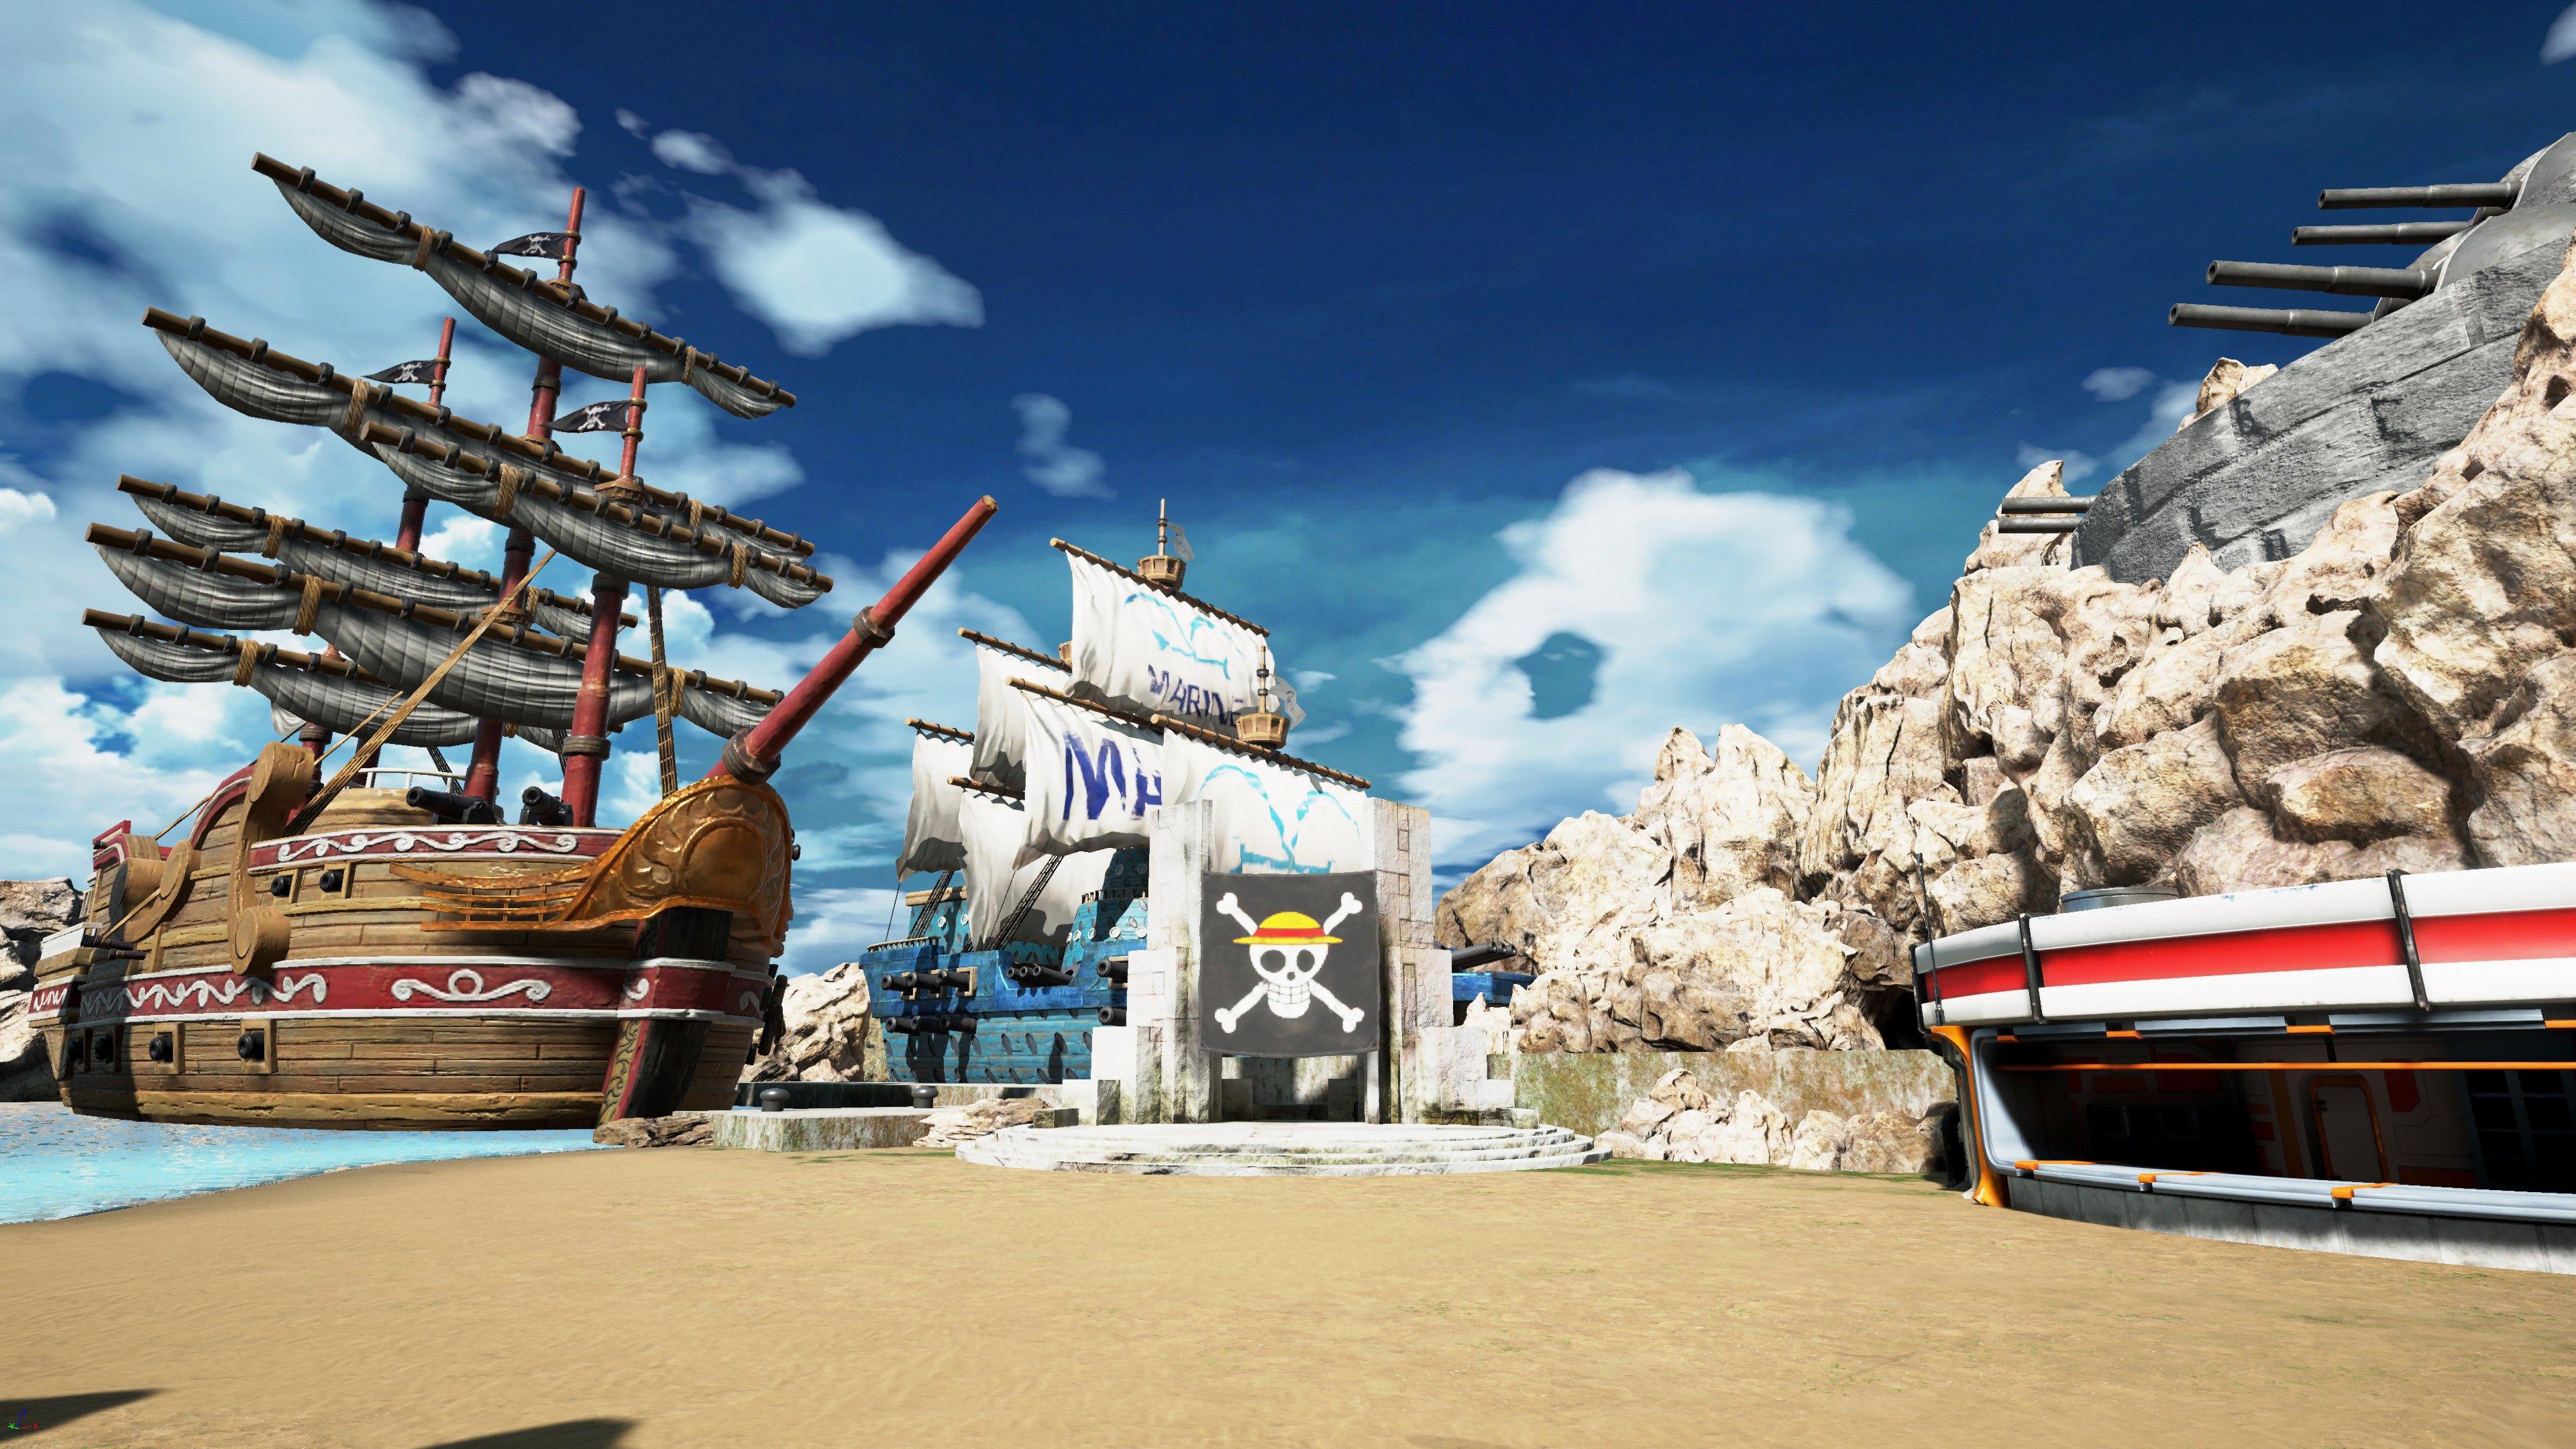 Fondos de pantalla Escenario de One Piece en Jump Force